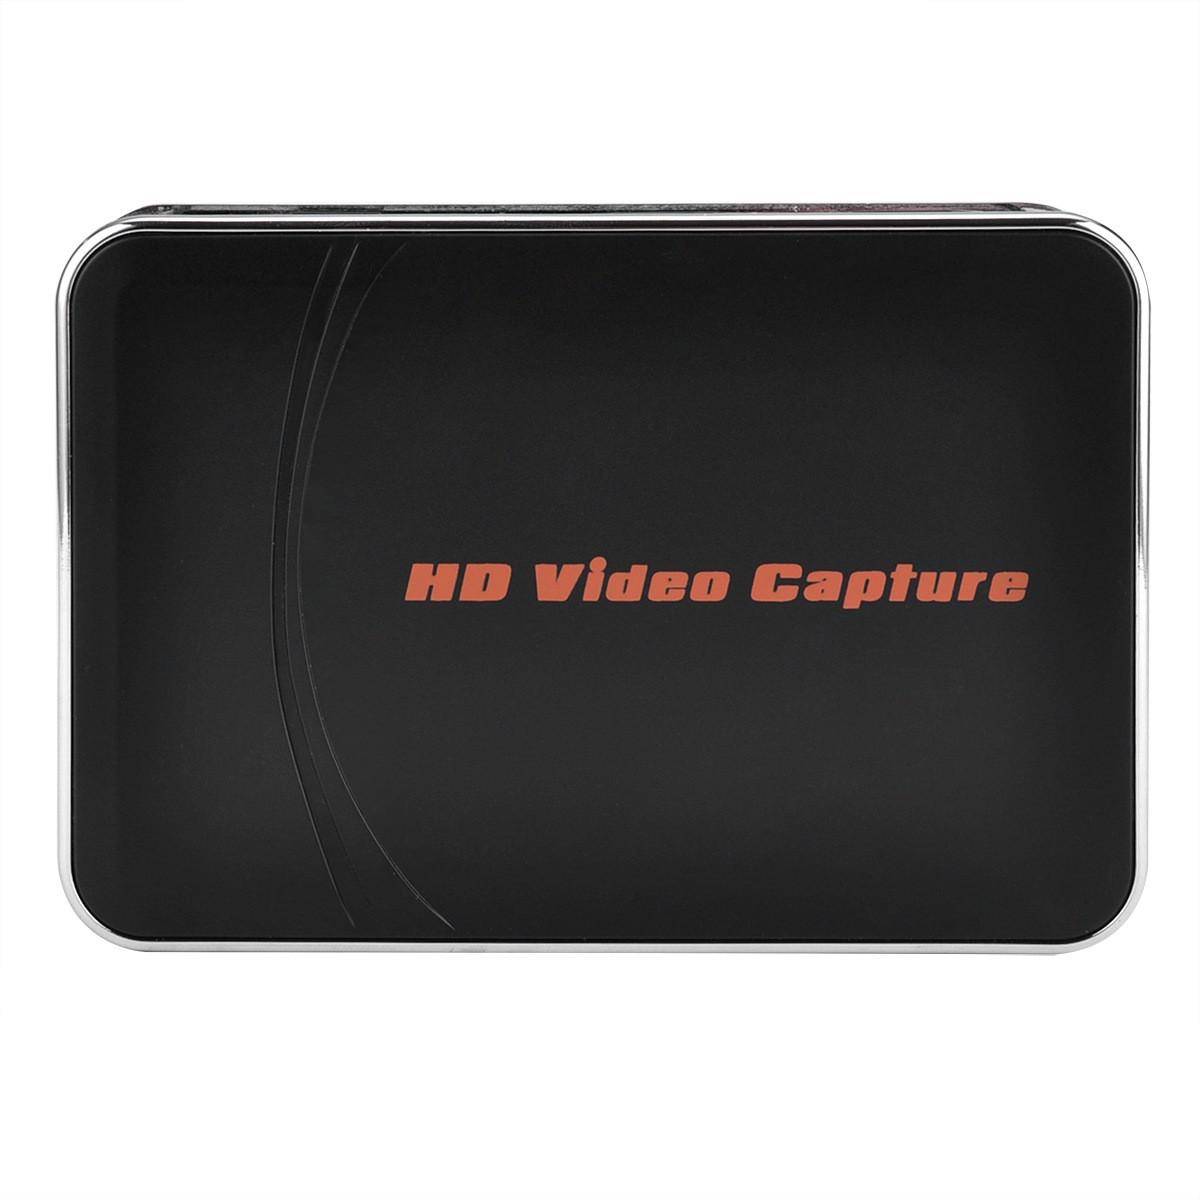 Карта видеозахвата Ezcap280HB для PS4/3 Xbox One/360 – HDMI, 1080р видео, микрофон 251427